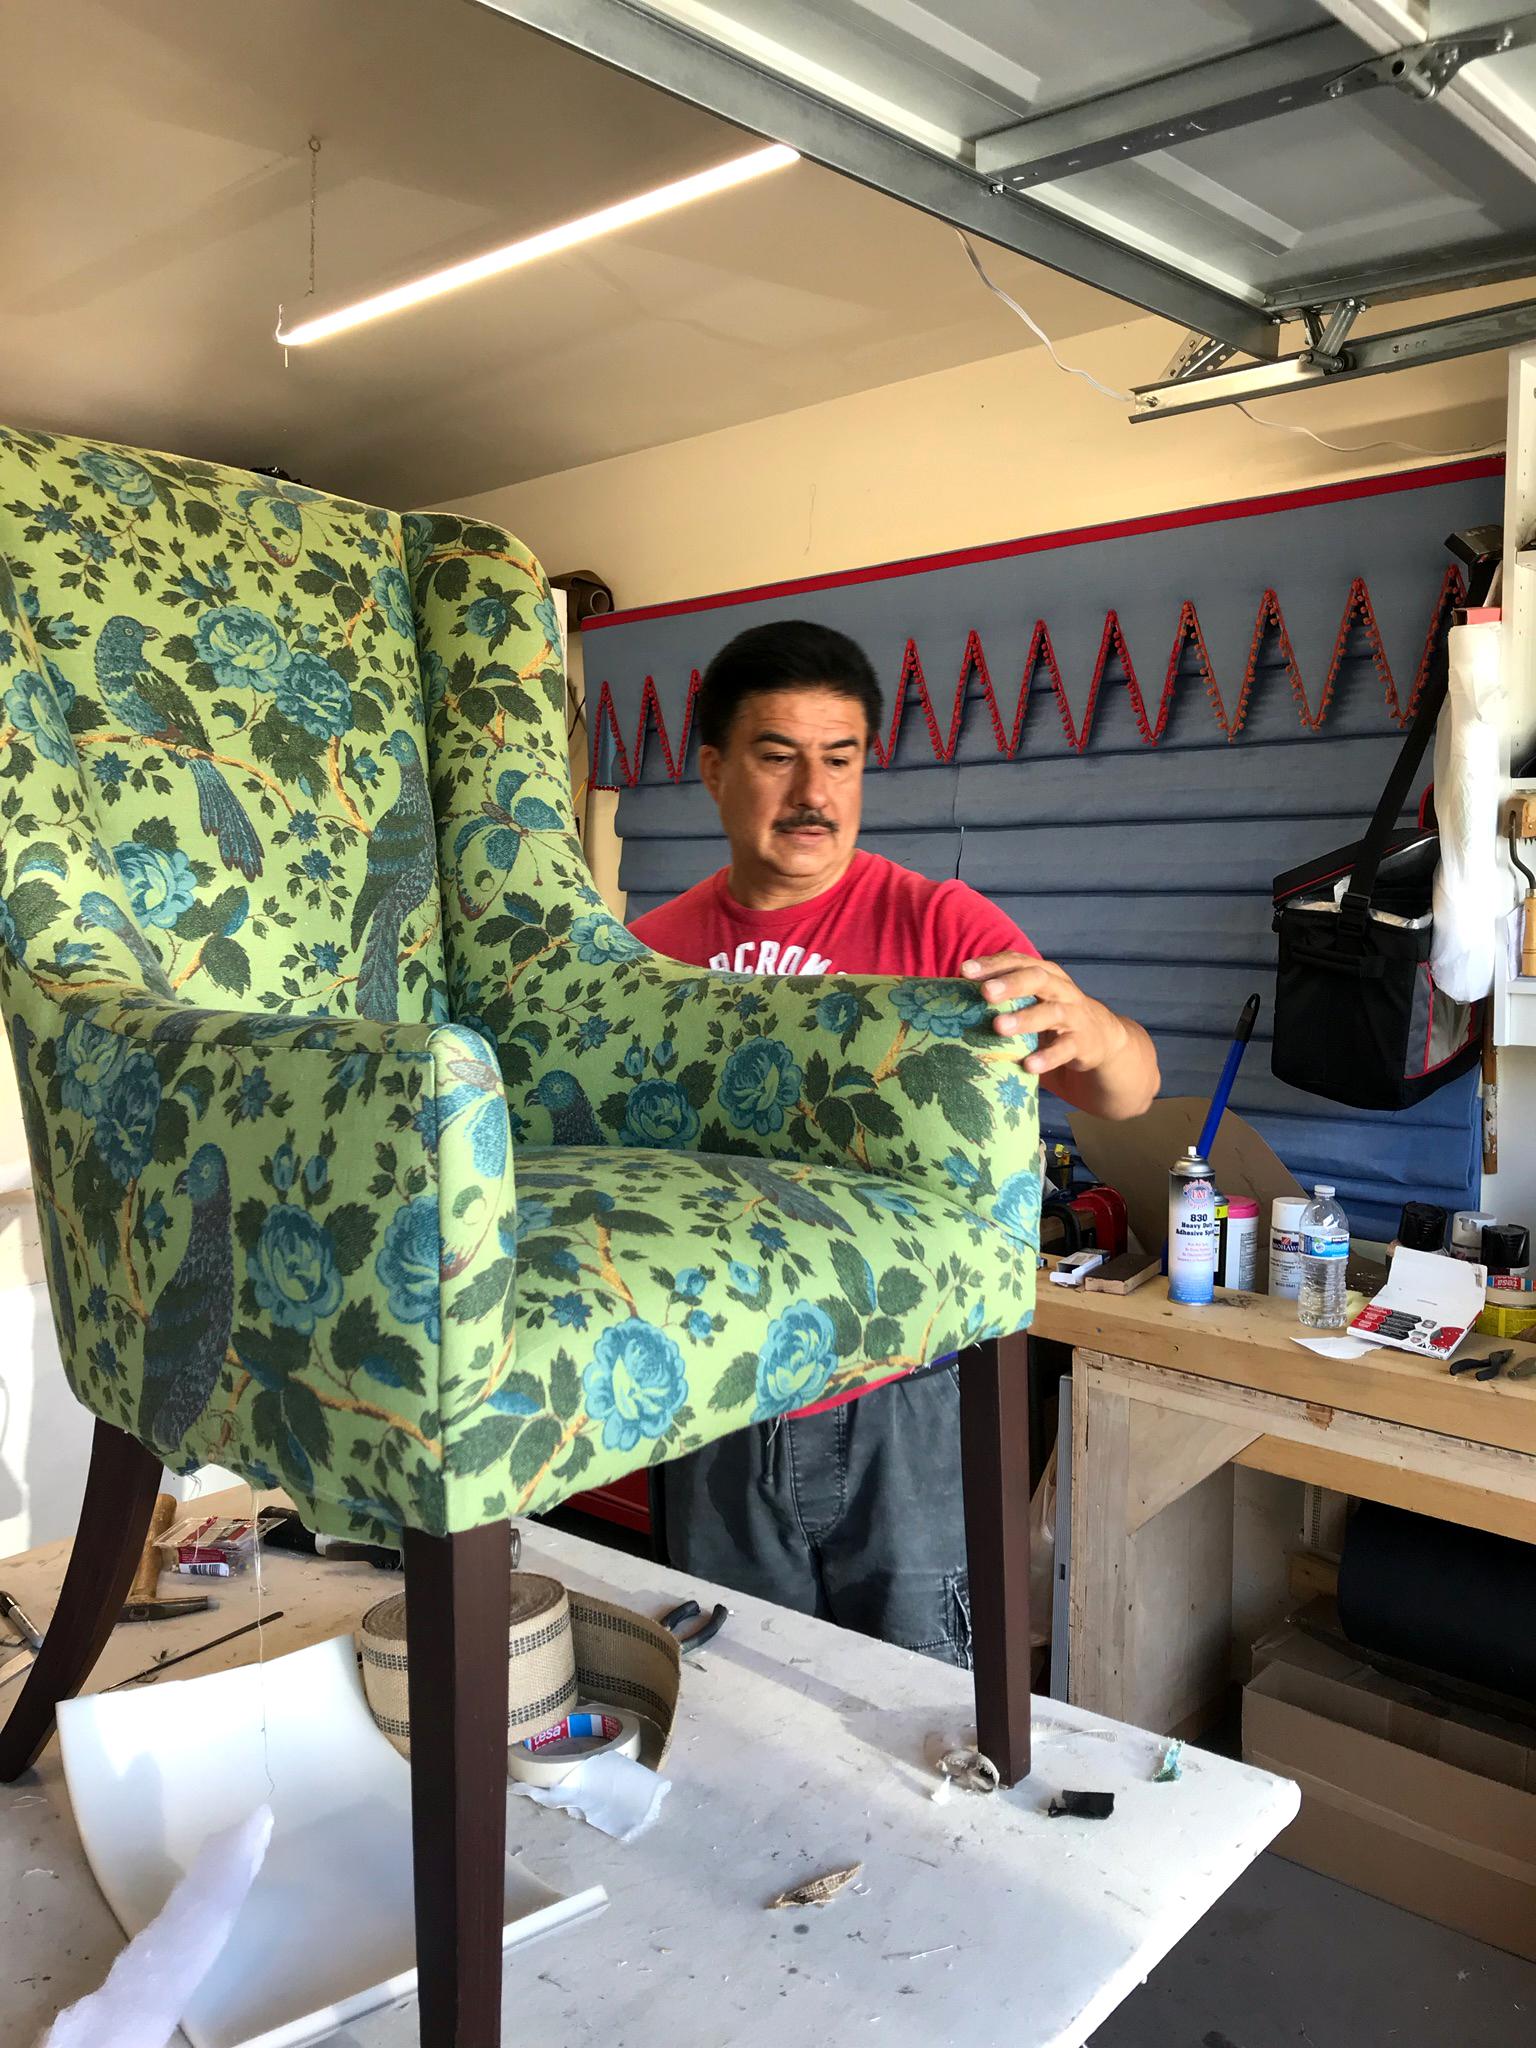 Manilla Upholstery - Tony